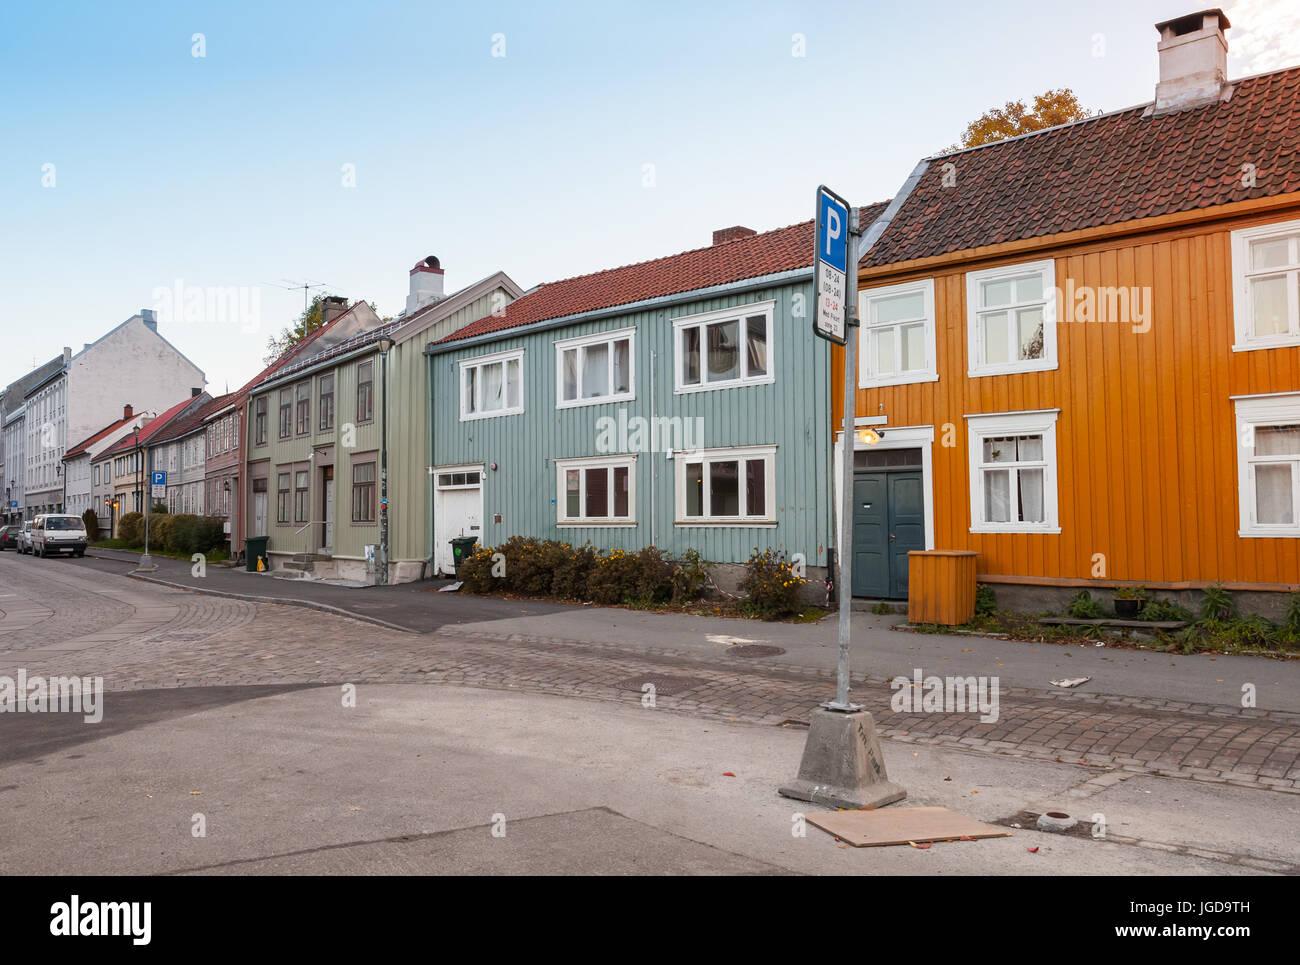 Skandinavische Holzhäuser skandinavische holzhäuser stehen entlang der alten straße in